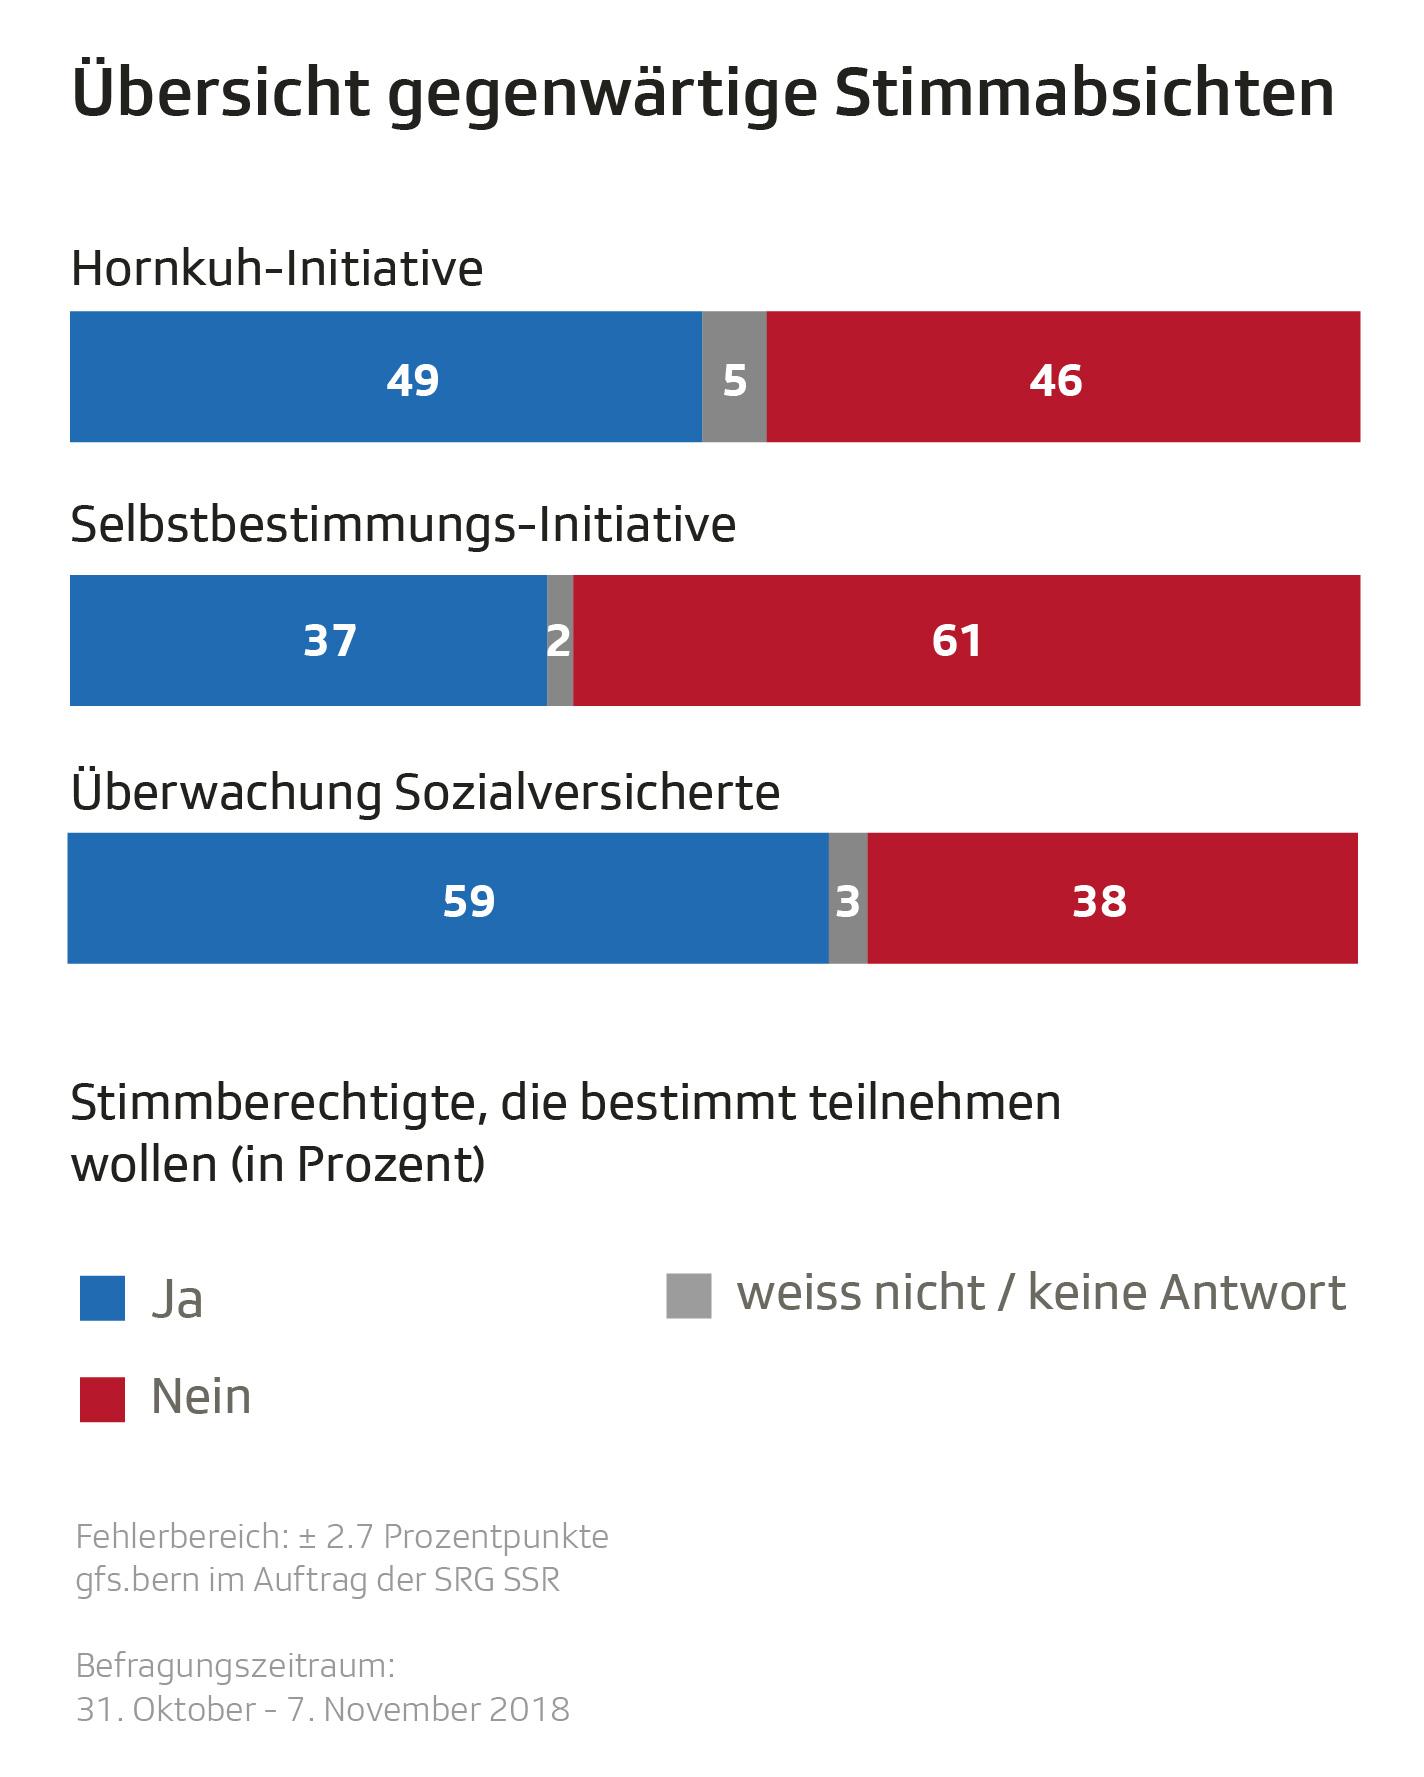 Grafik mit gegenwärtigen Stimmabsichten zu den drei Abstimmungsvorlagen